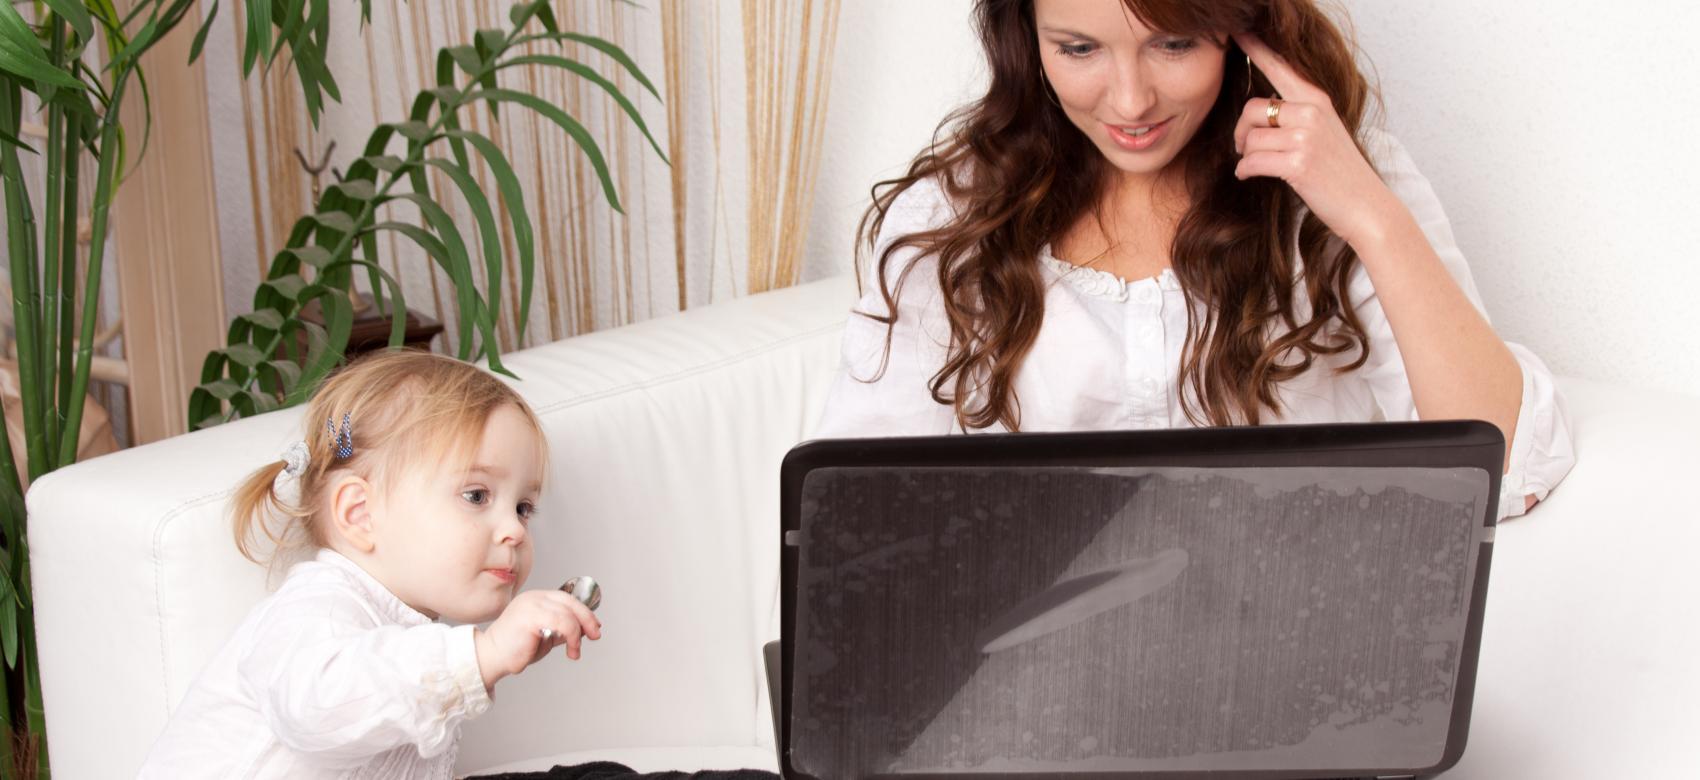 madre mirando ordenador